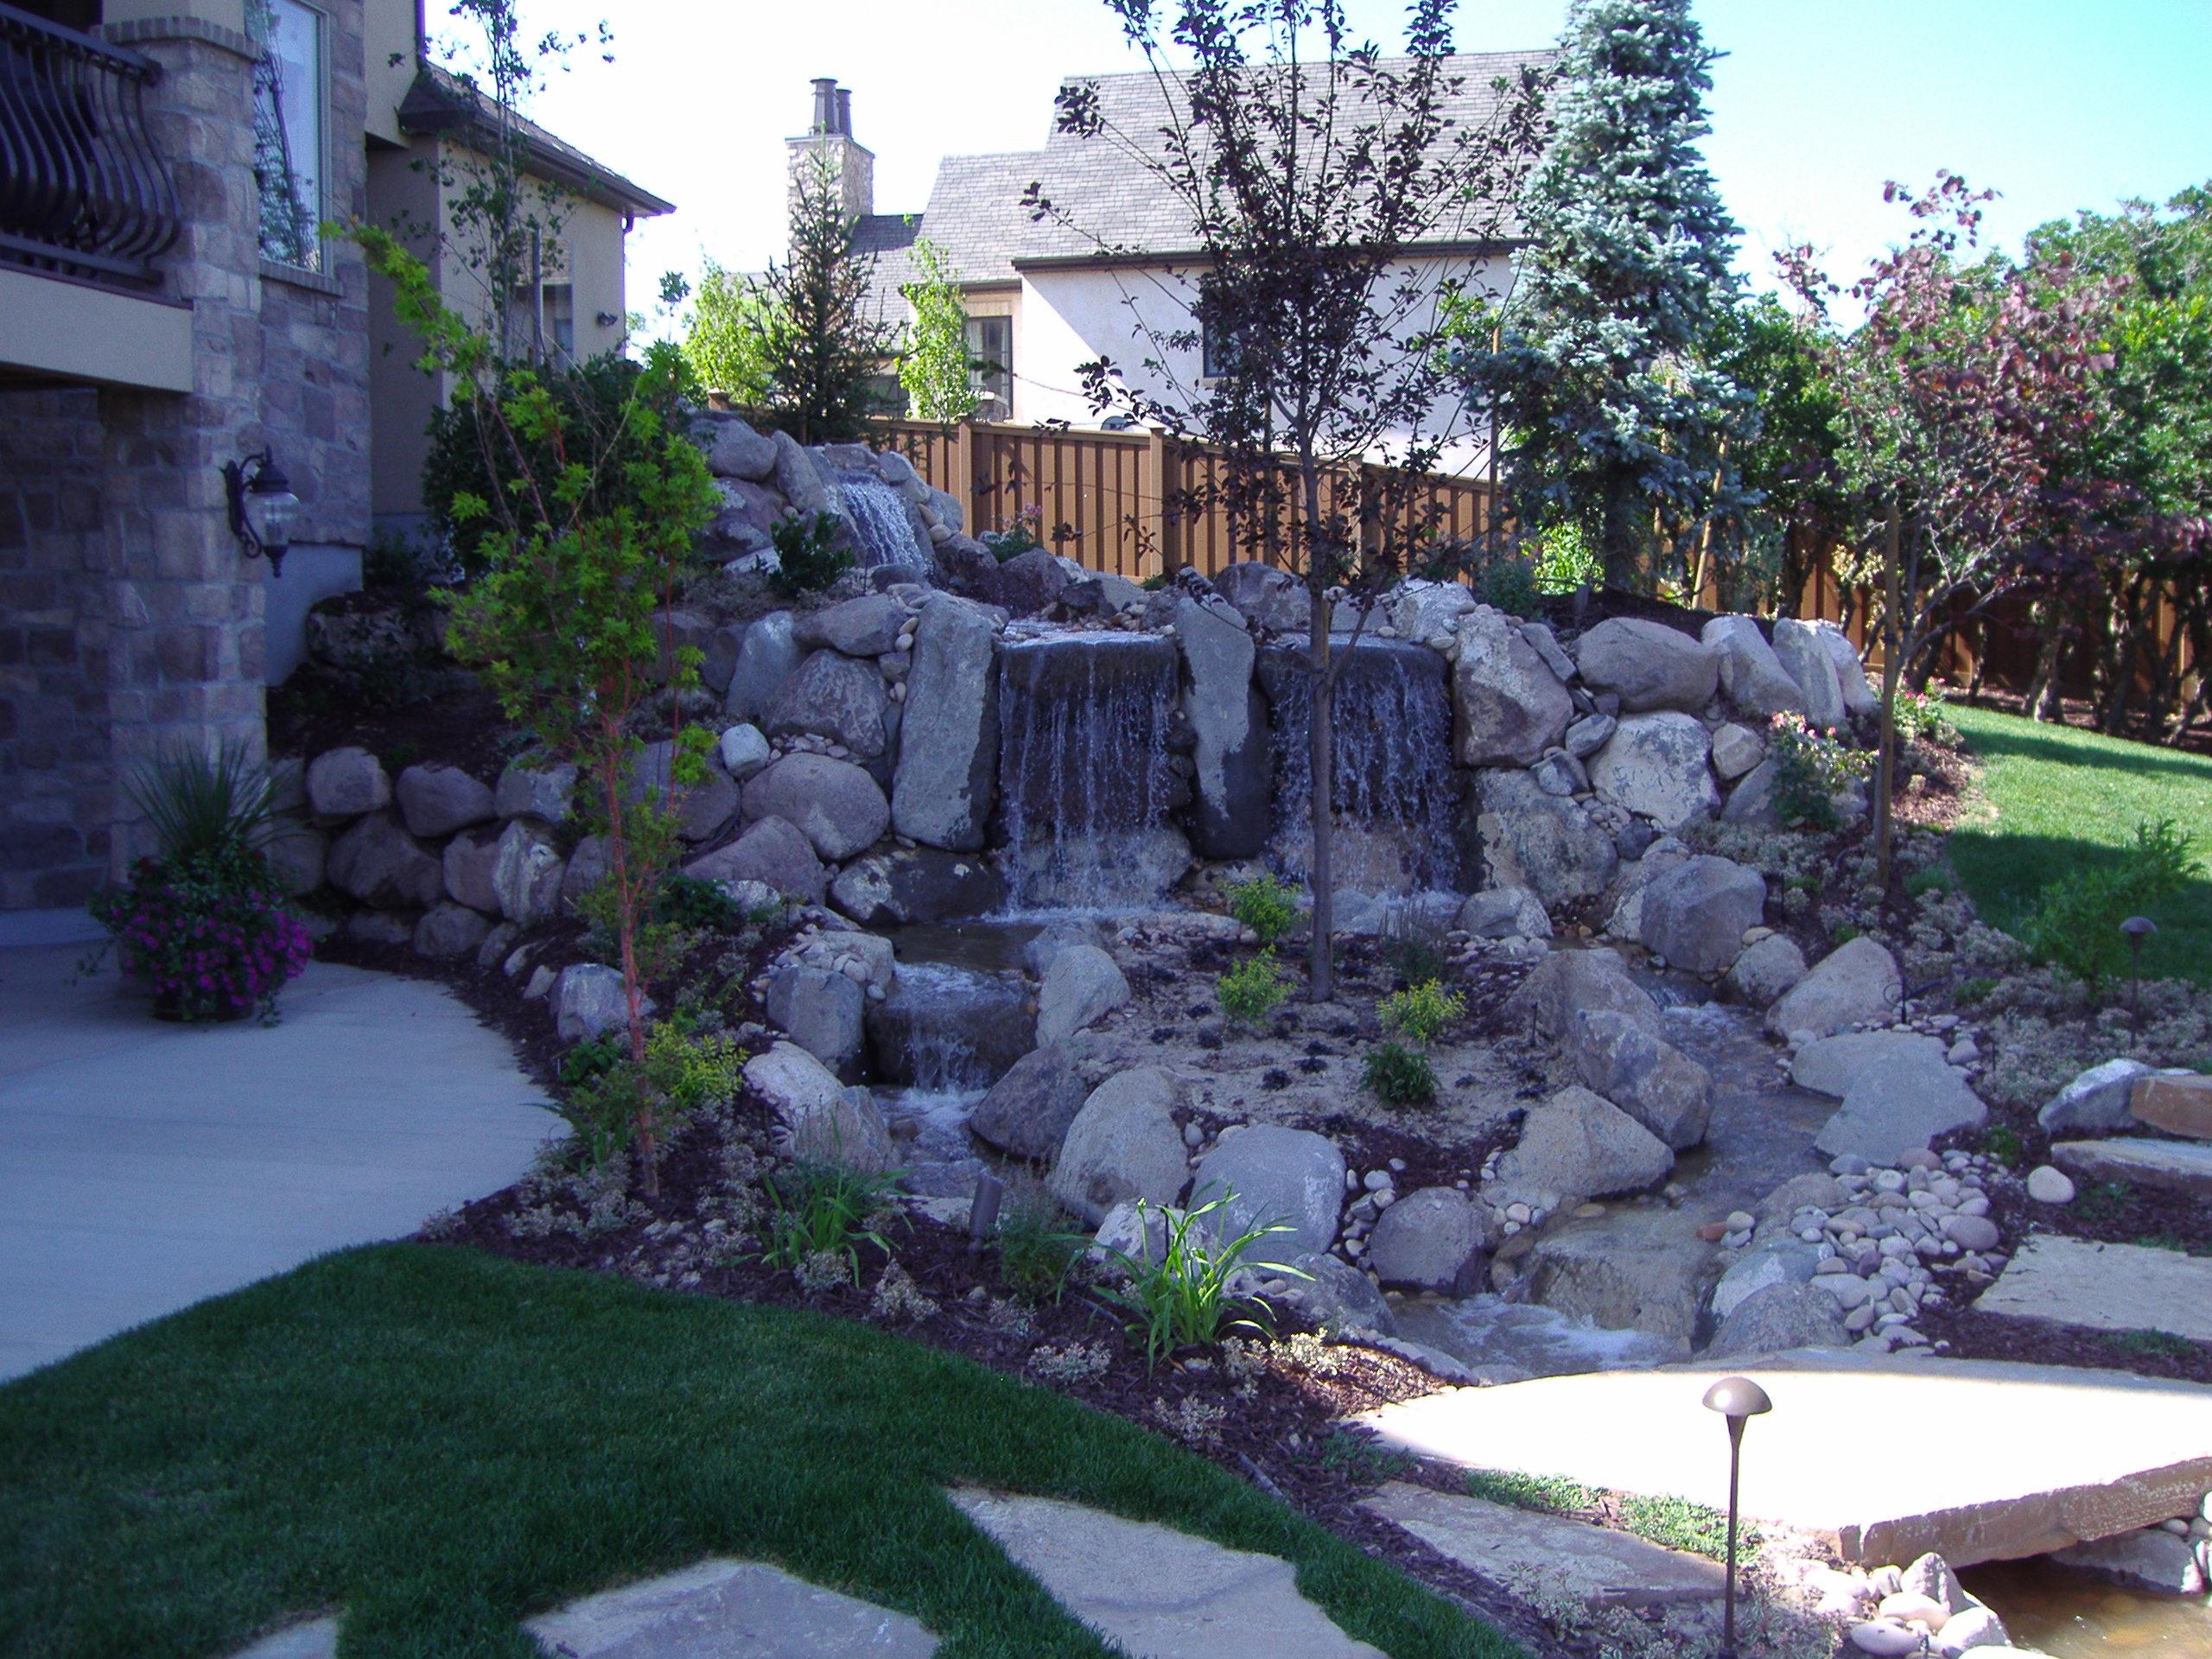 Highland utah chris jensen landscaping in salt lake for Landscaping rocks utah county